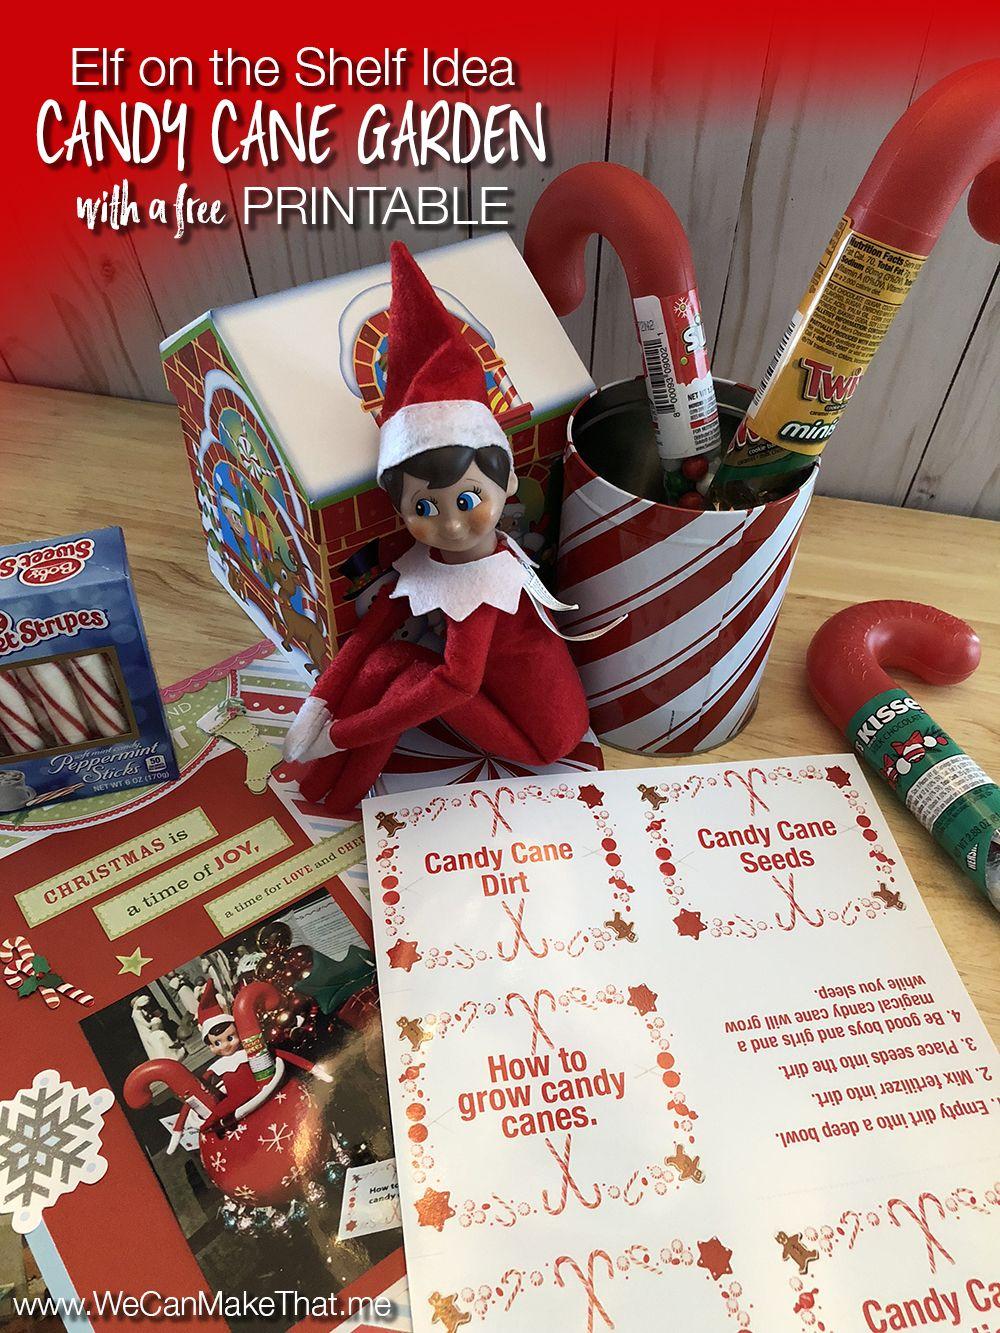 Elf on the Shelf idea Candy Cane Garden Elf on the